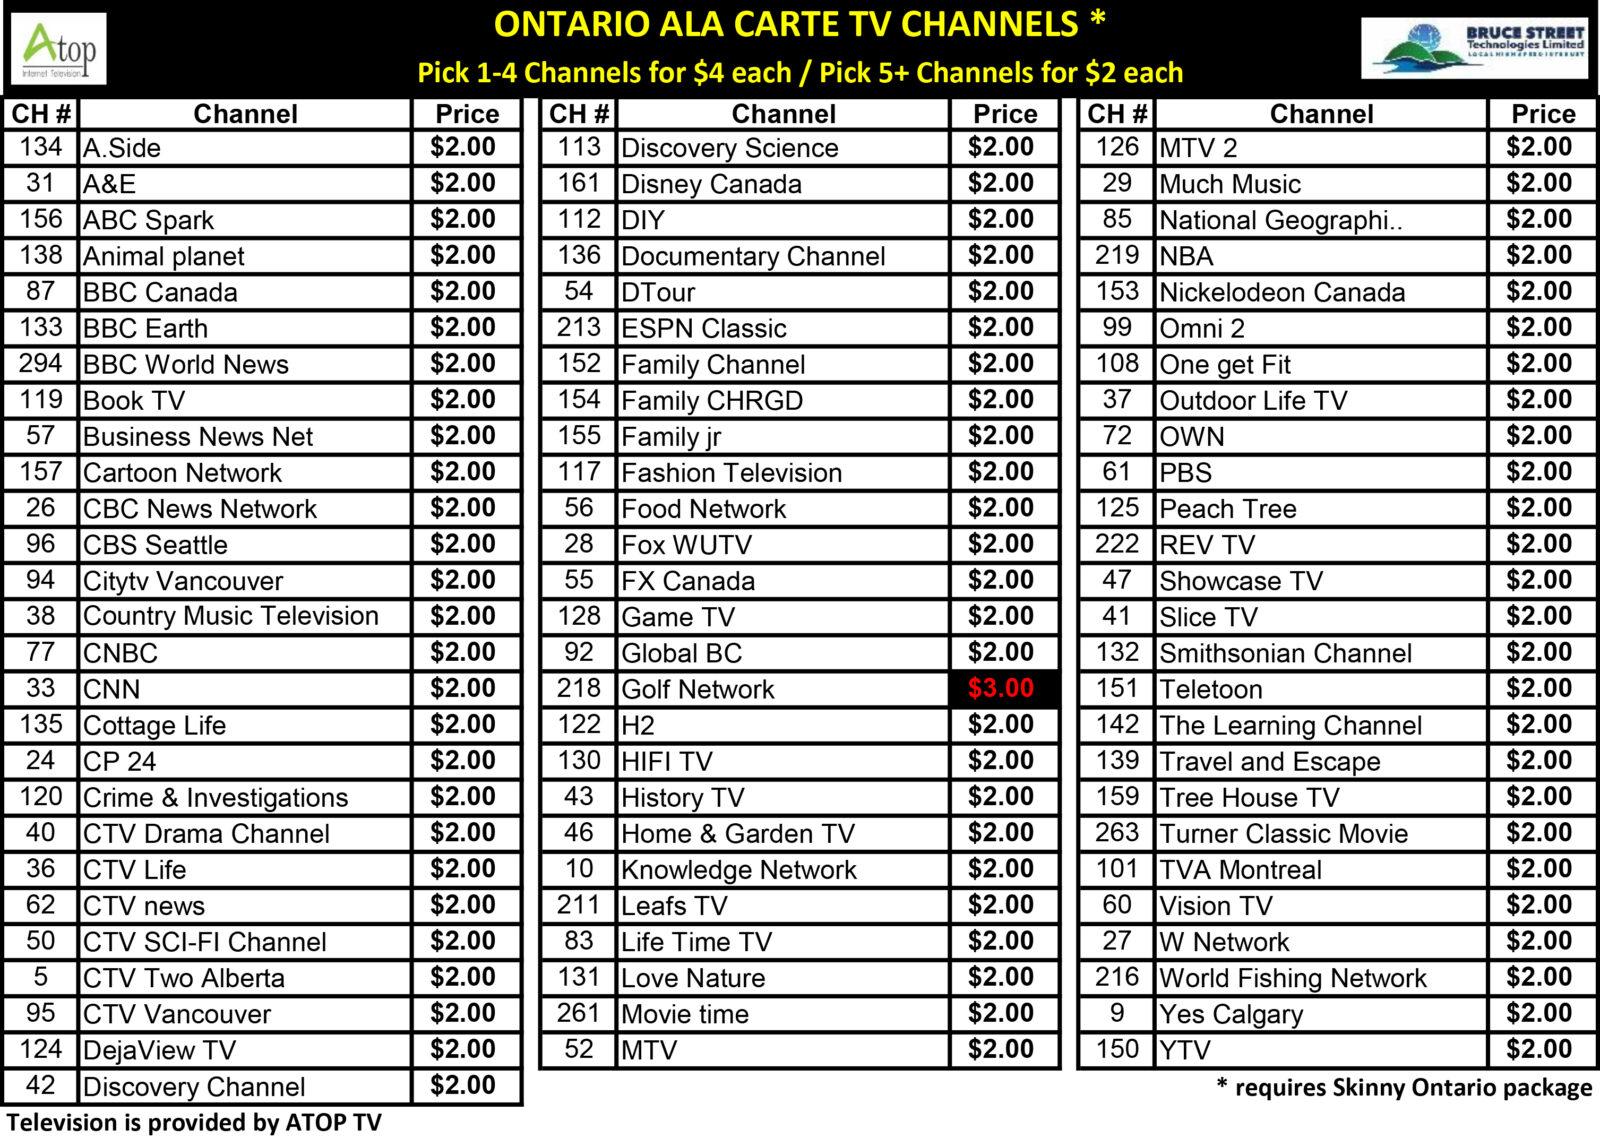 ATOP a la Carte TV Channels